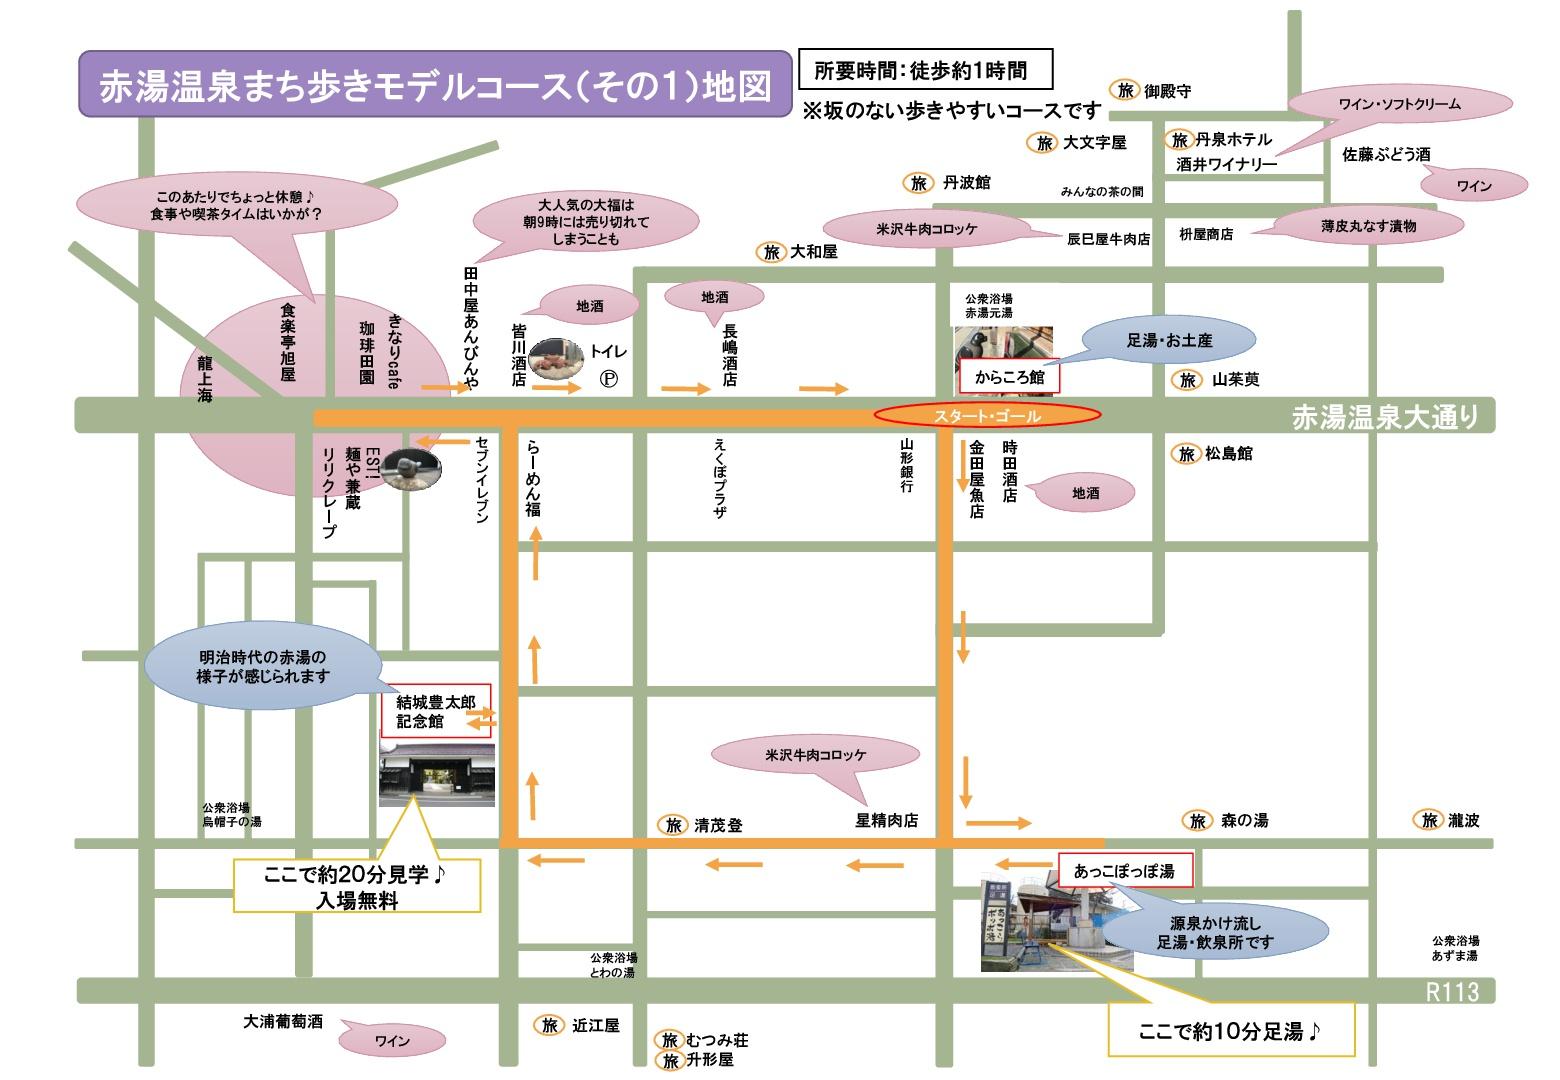 赤湯温泉まち歩きモデルコース(その1)地図